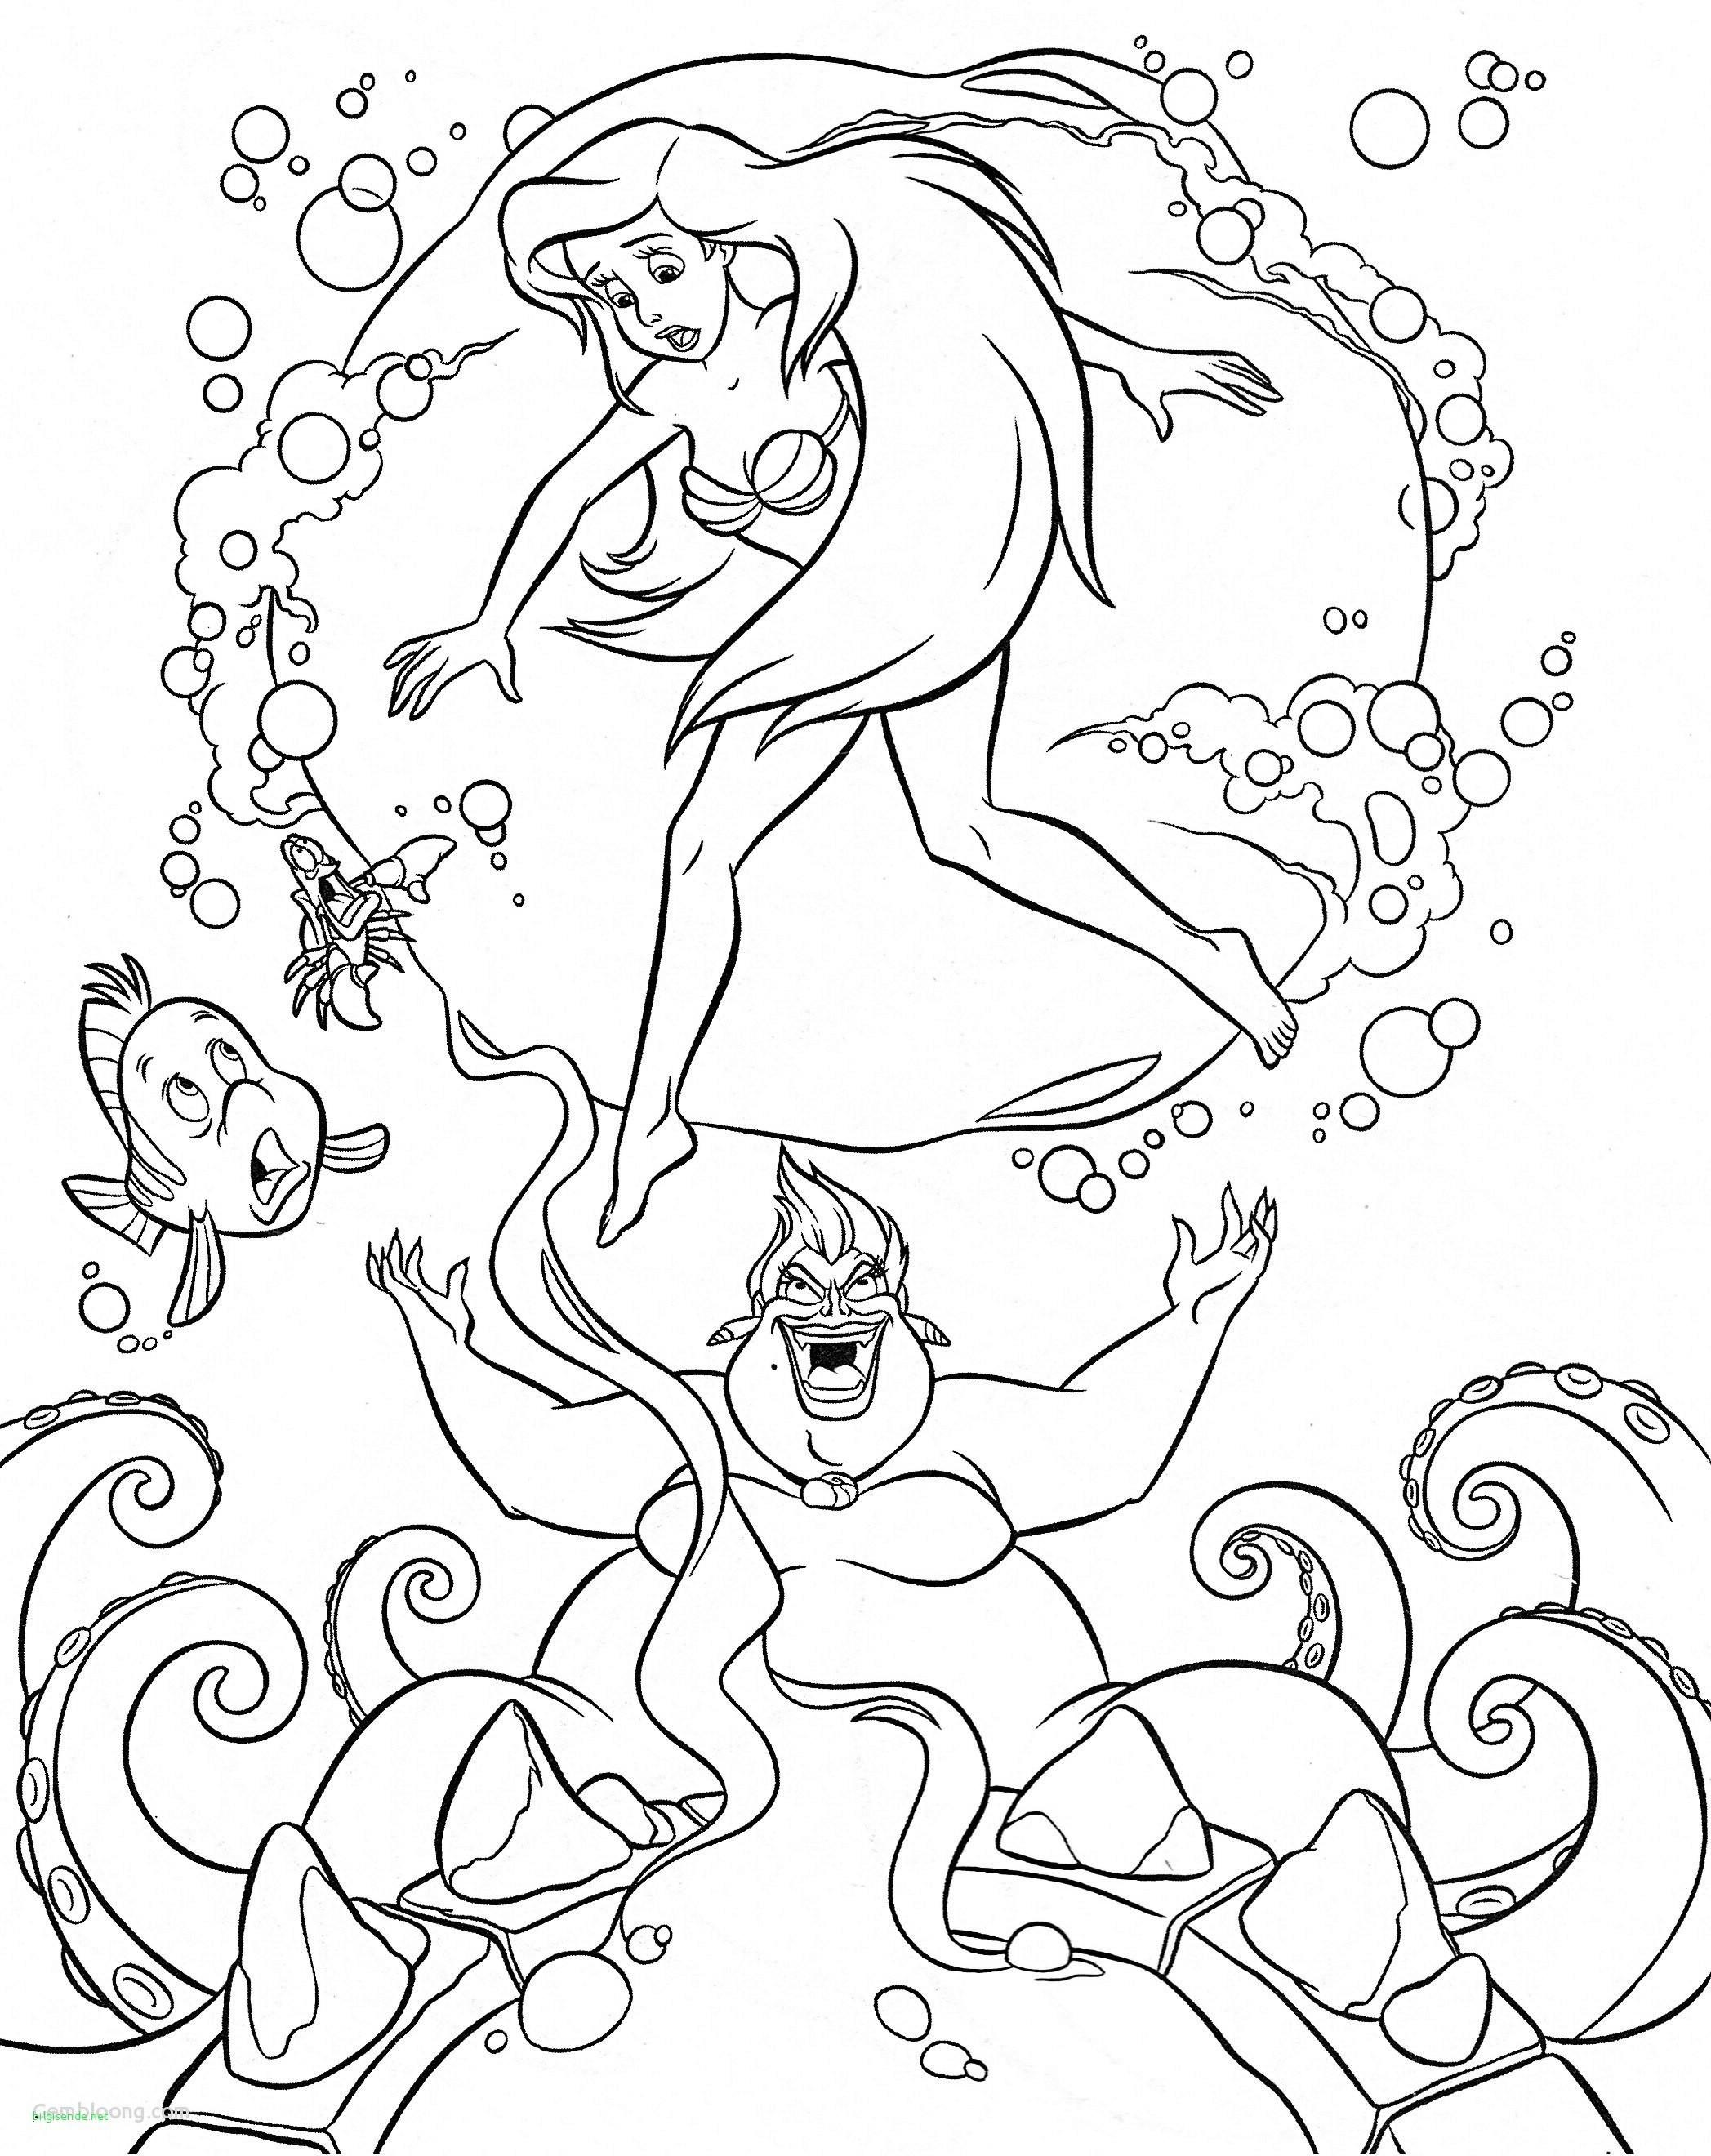 Disney Prinzessinnen Malvorlagen Neu 40 Das Konzept Von Disney Princess Ausmalbilder Treehouse Nyc Stock